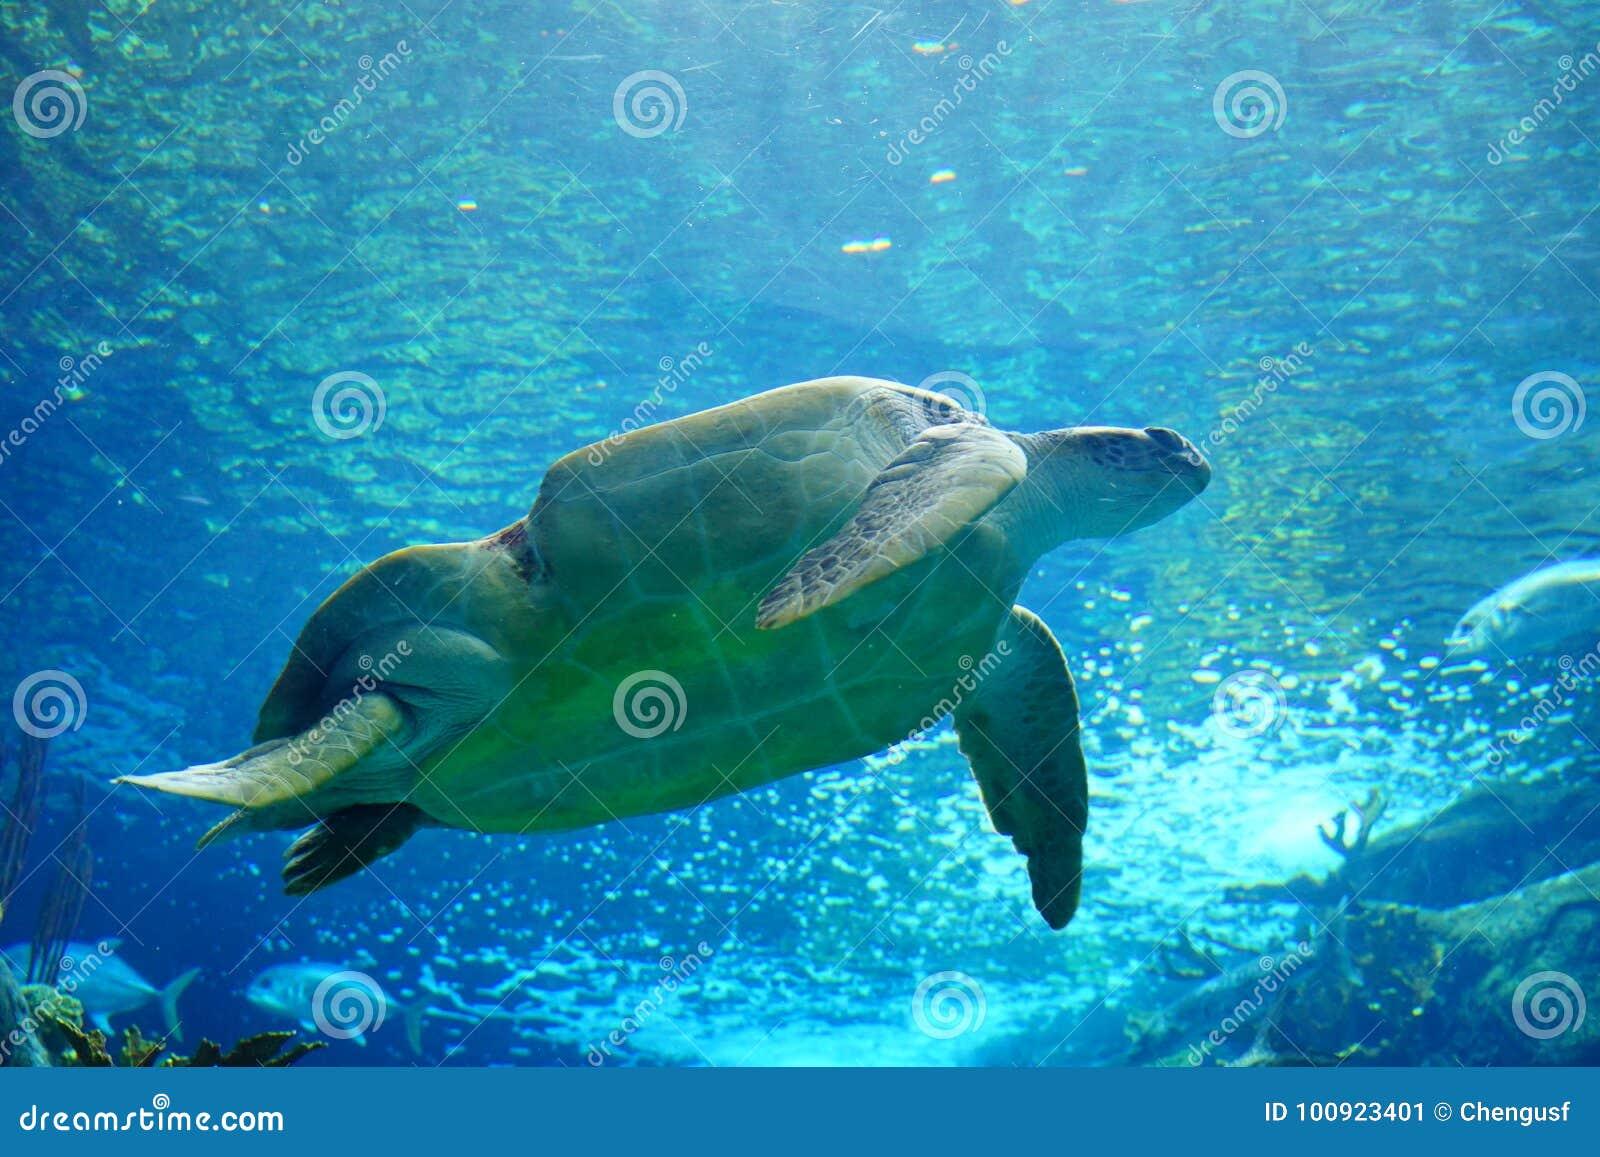 Eine Schildkröte schwimmt